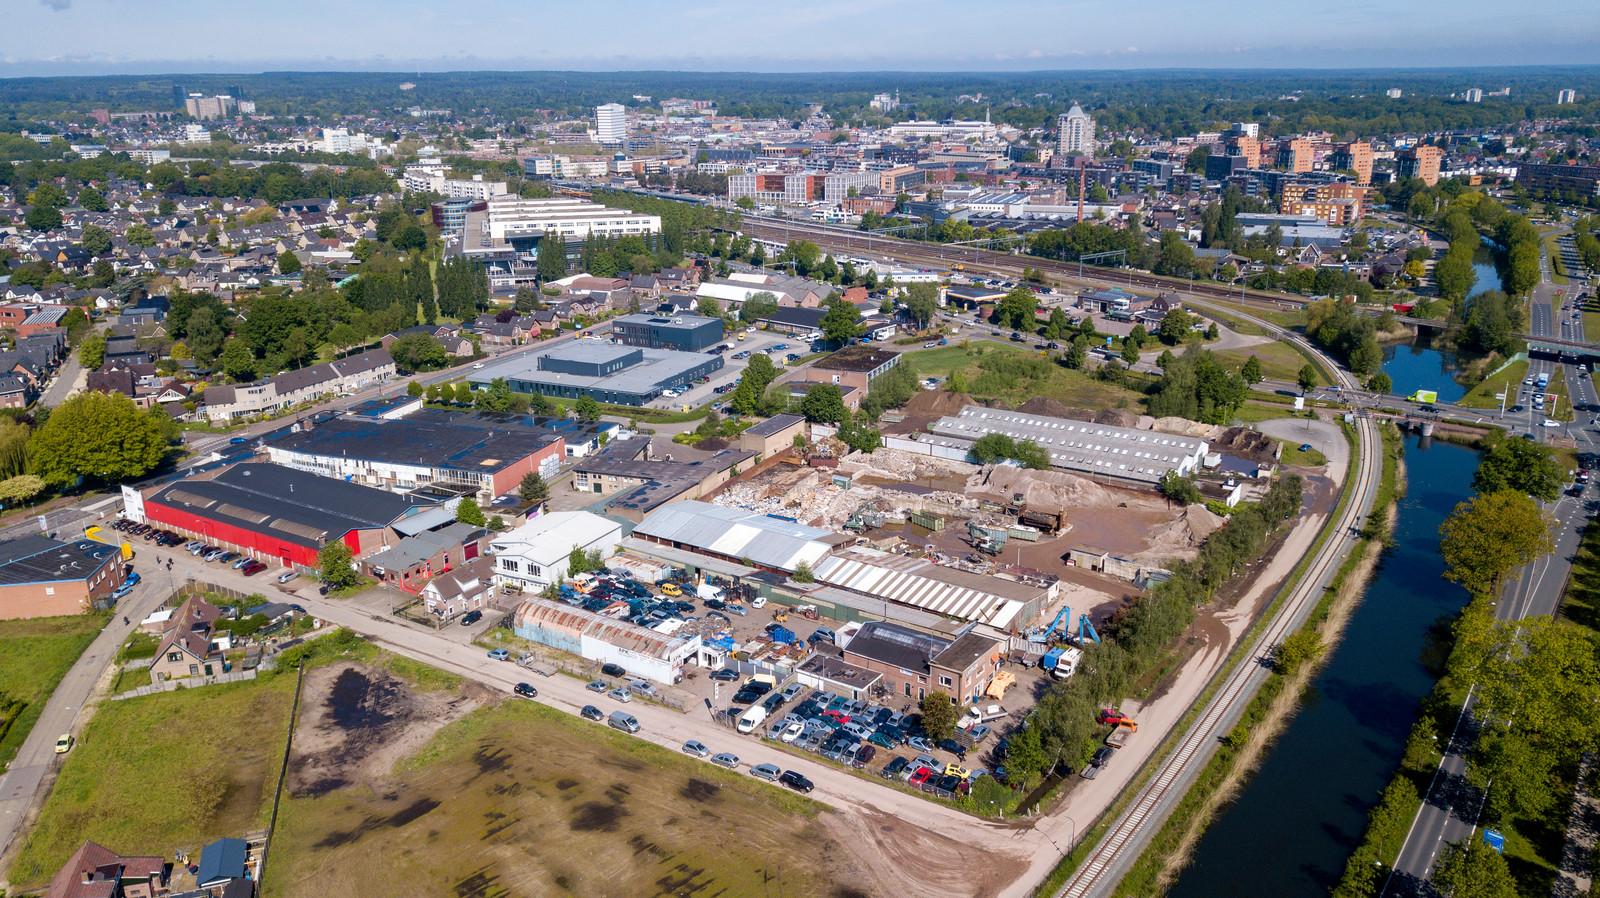 Onder meer dit gebied tussen Kayersdijk en kanaal (Kayersmolen Noord) wil de gemeente de komende jaren omvormen naar woonwijk.